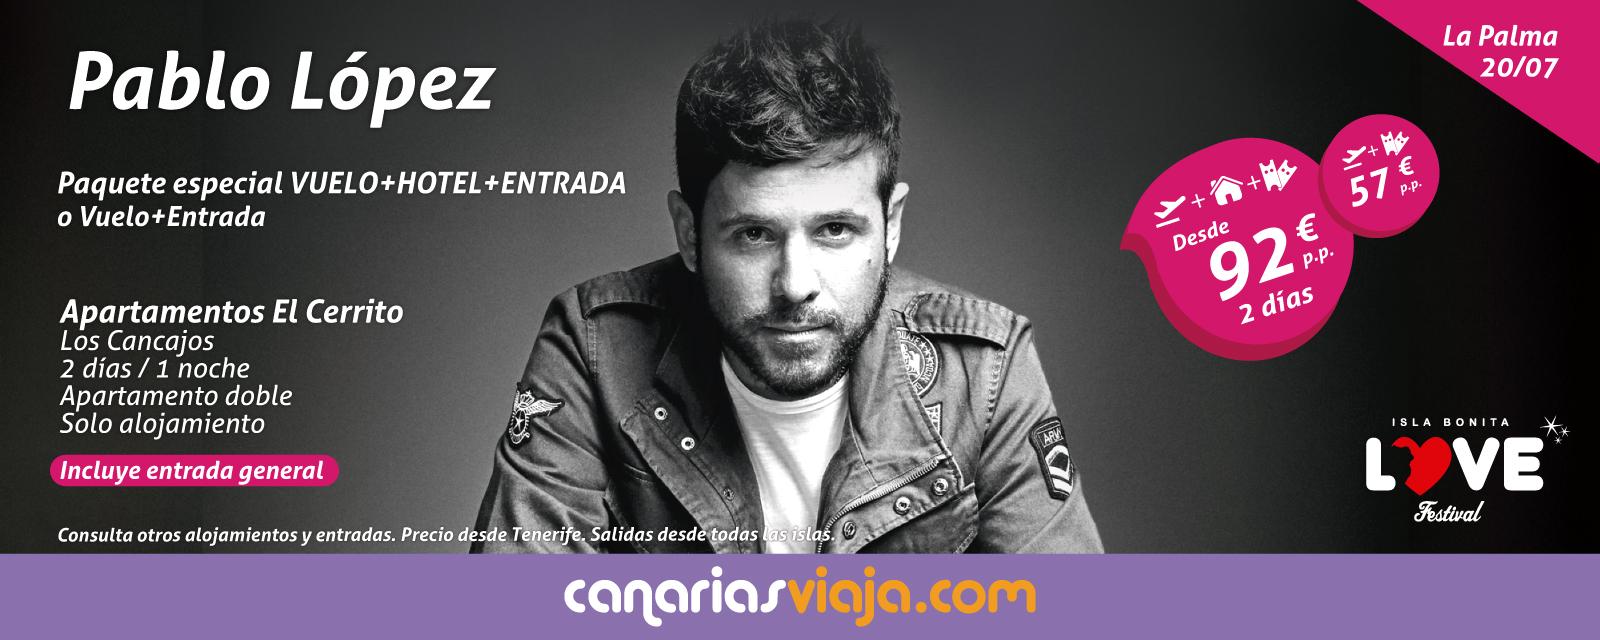 LoveFestival-2019-Pablo-Lopez